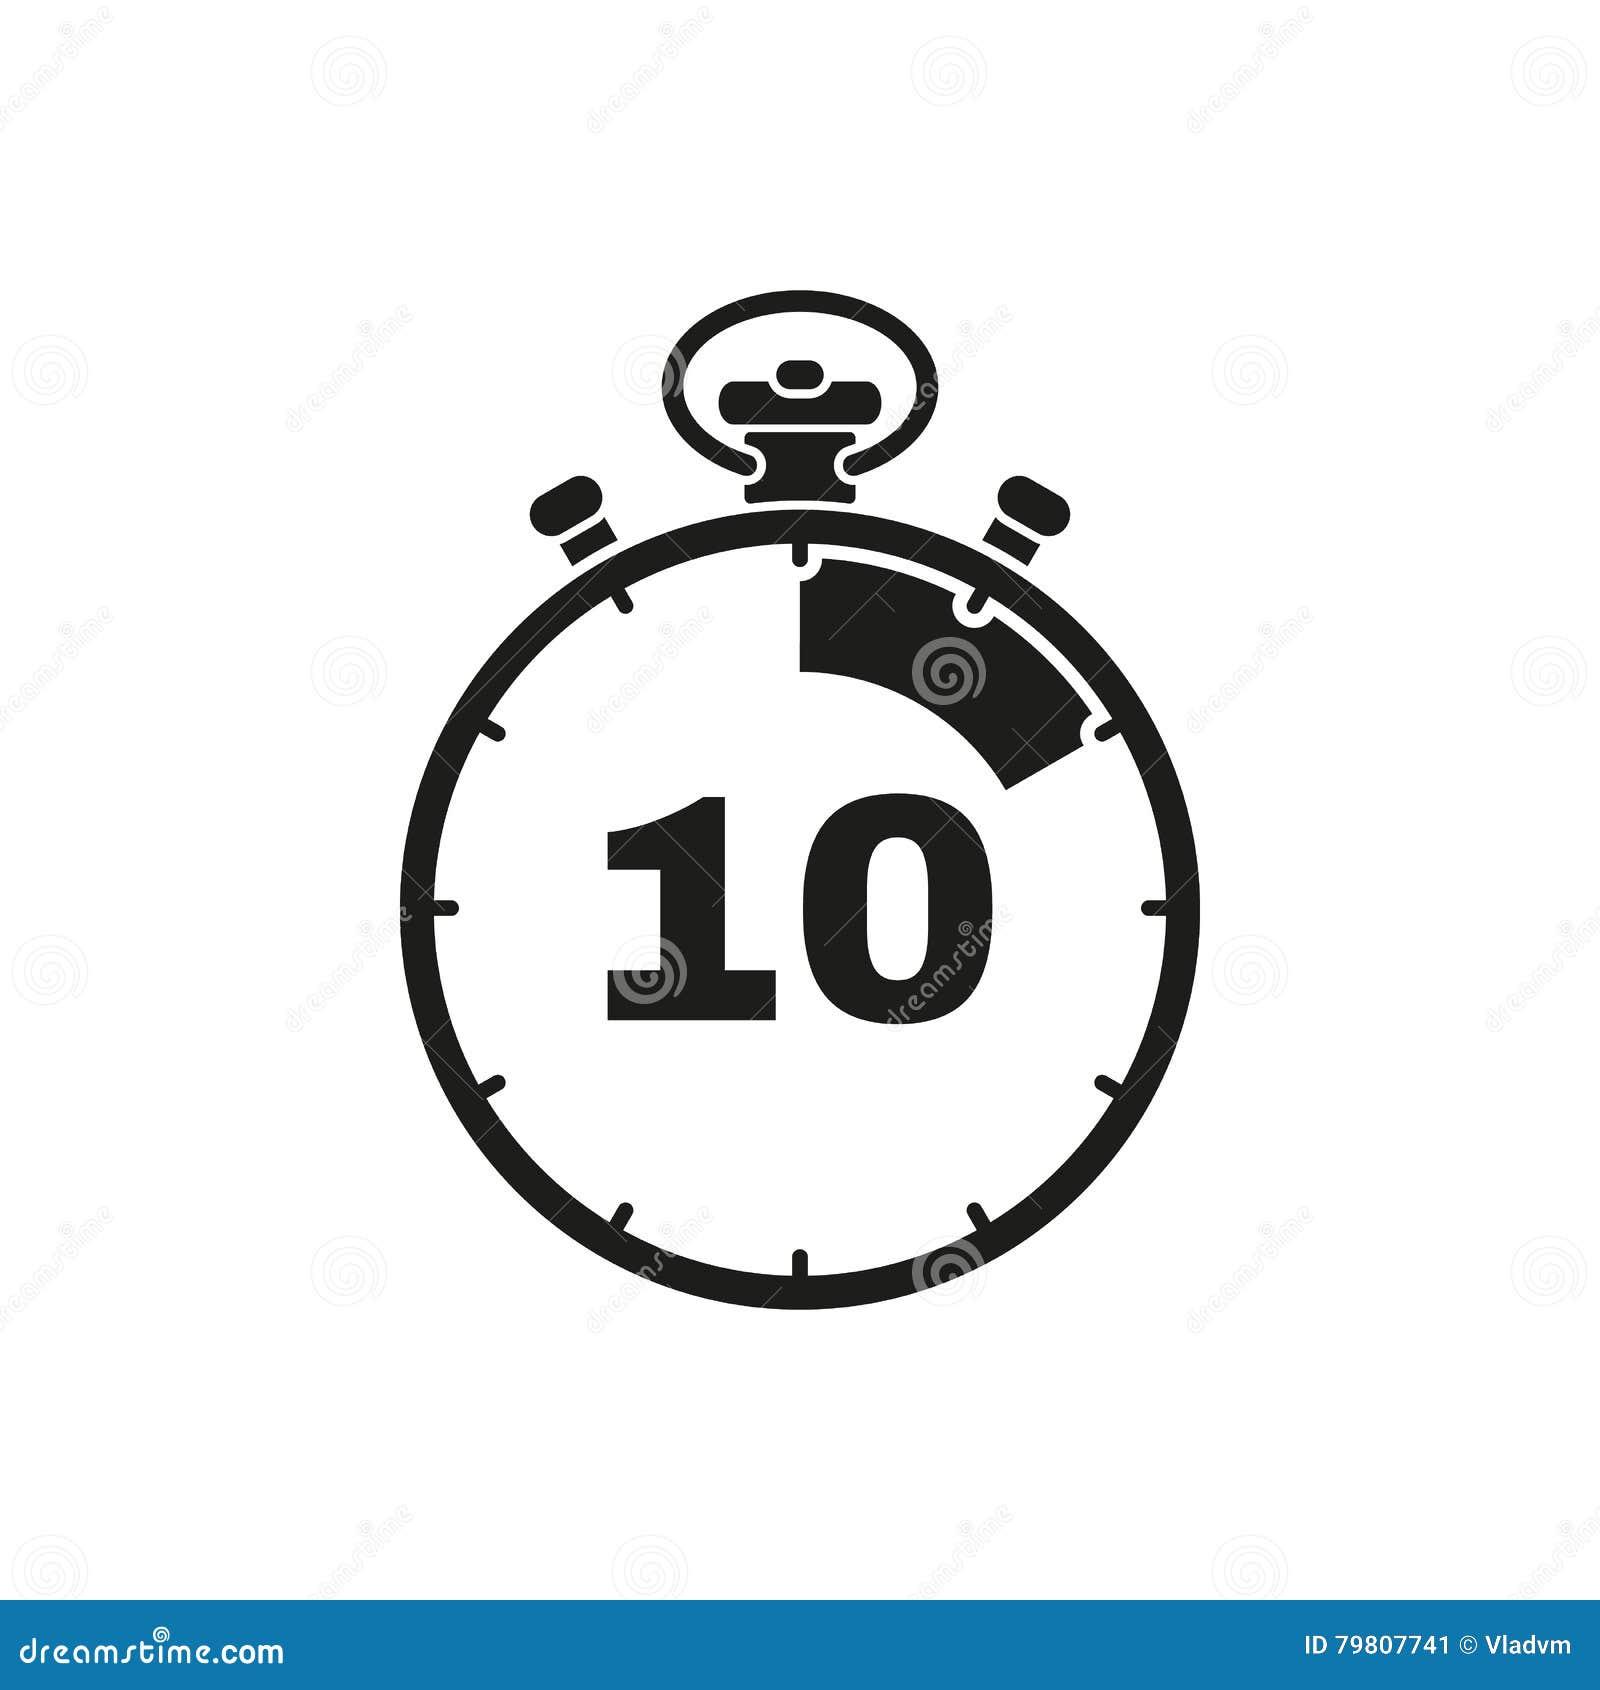 Compte à rebours. Quelle heure est-il ailleurs ? C'est officiel l'Asus ZenWatch 3 set met à jour pour Android Wear 2.0 Au programme : Une nouvelle interface por répondre aux messages reçus Applications directement sur la montre Compte à rebours universel. Entrez une date et une heure.